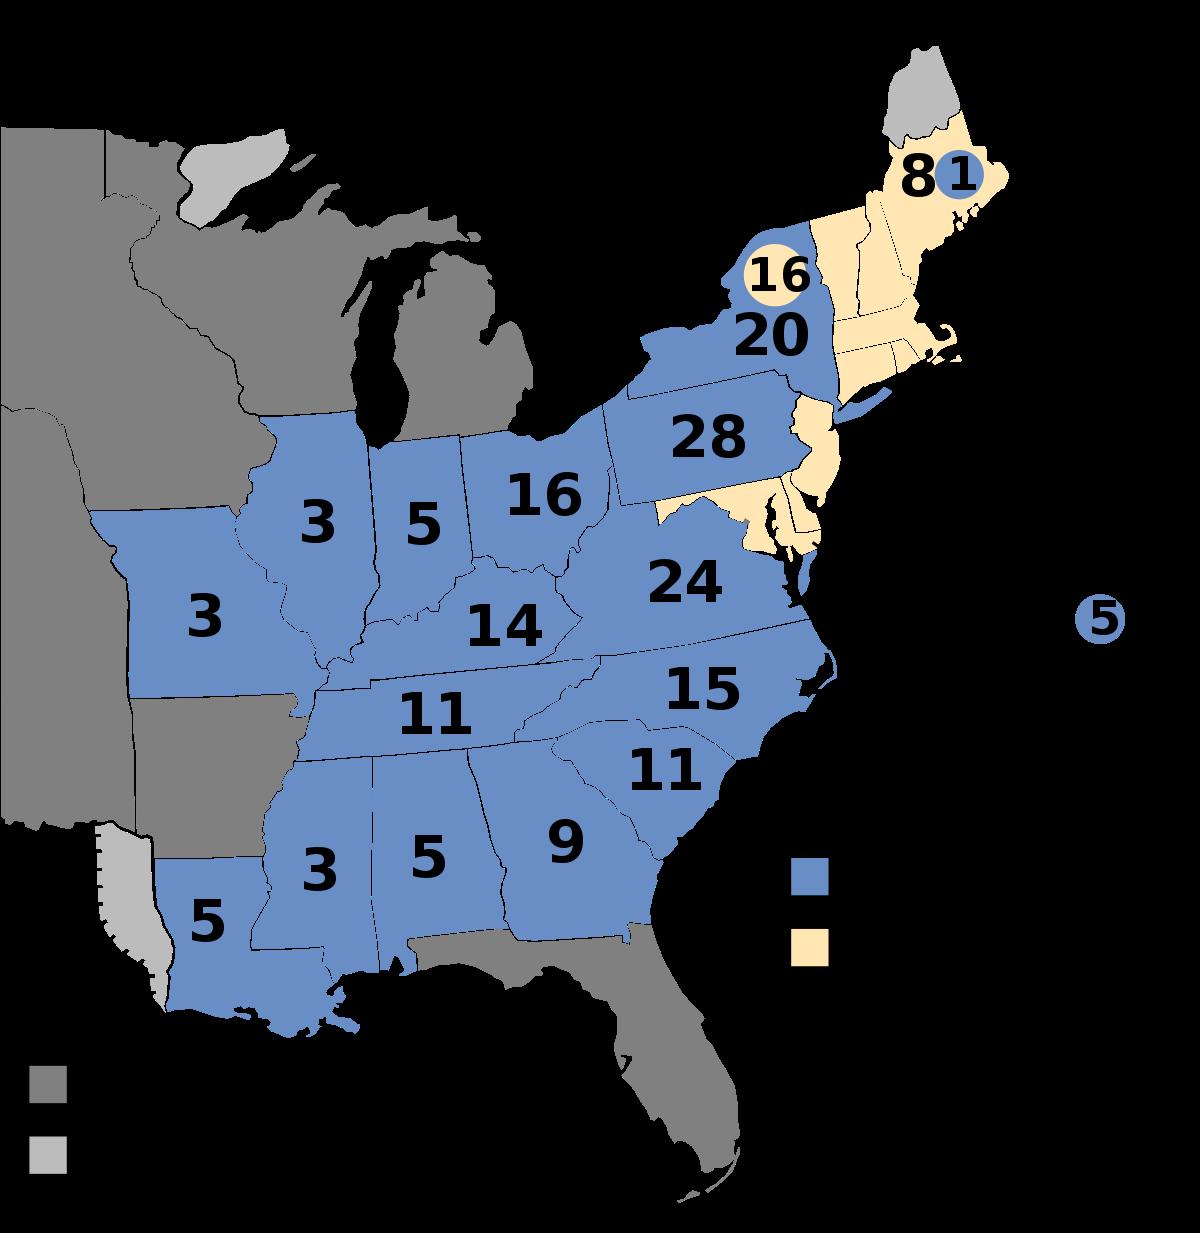 09.26. 1828 electoral